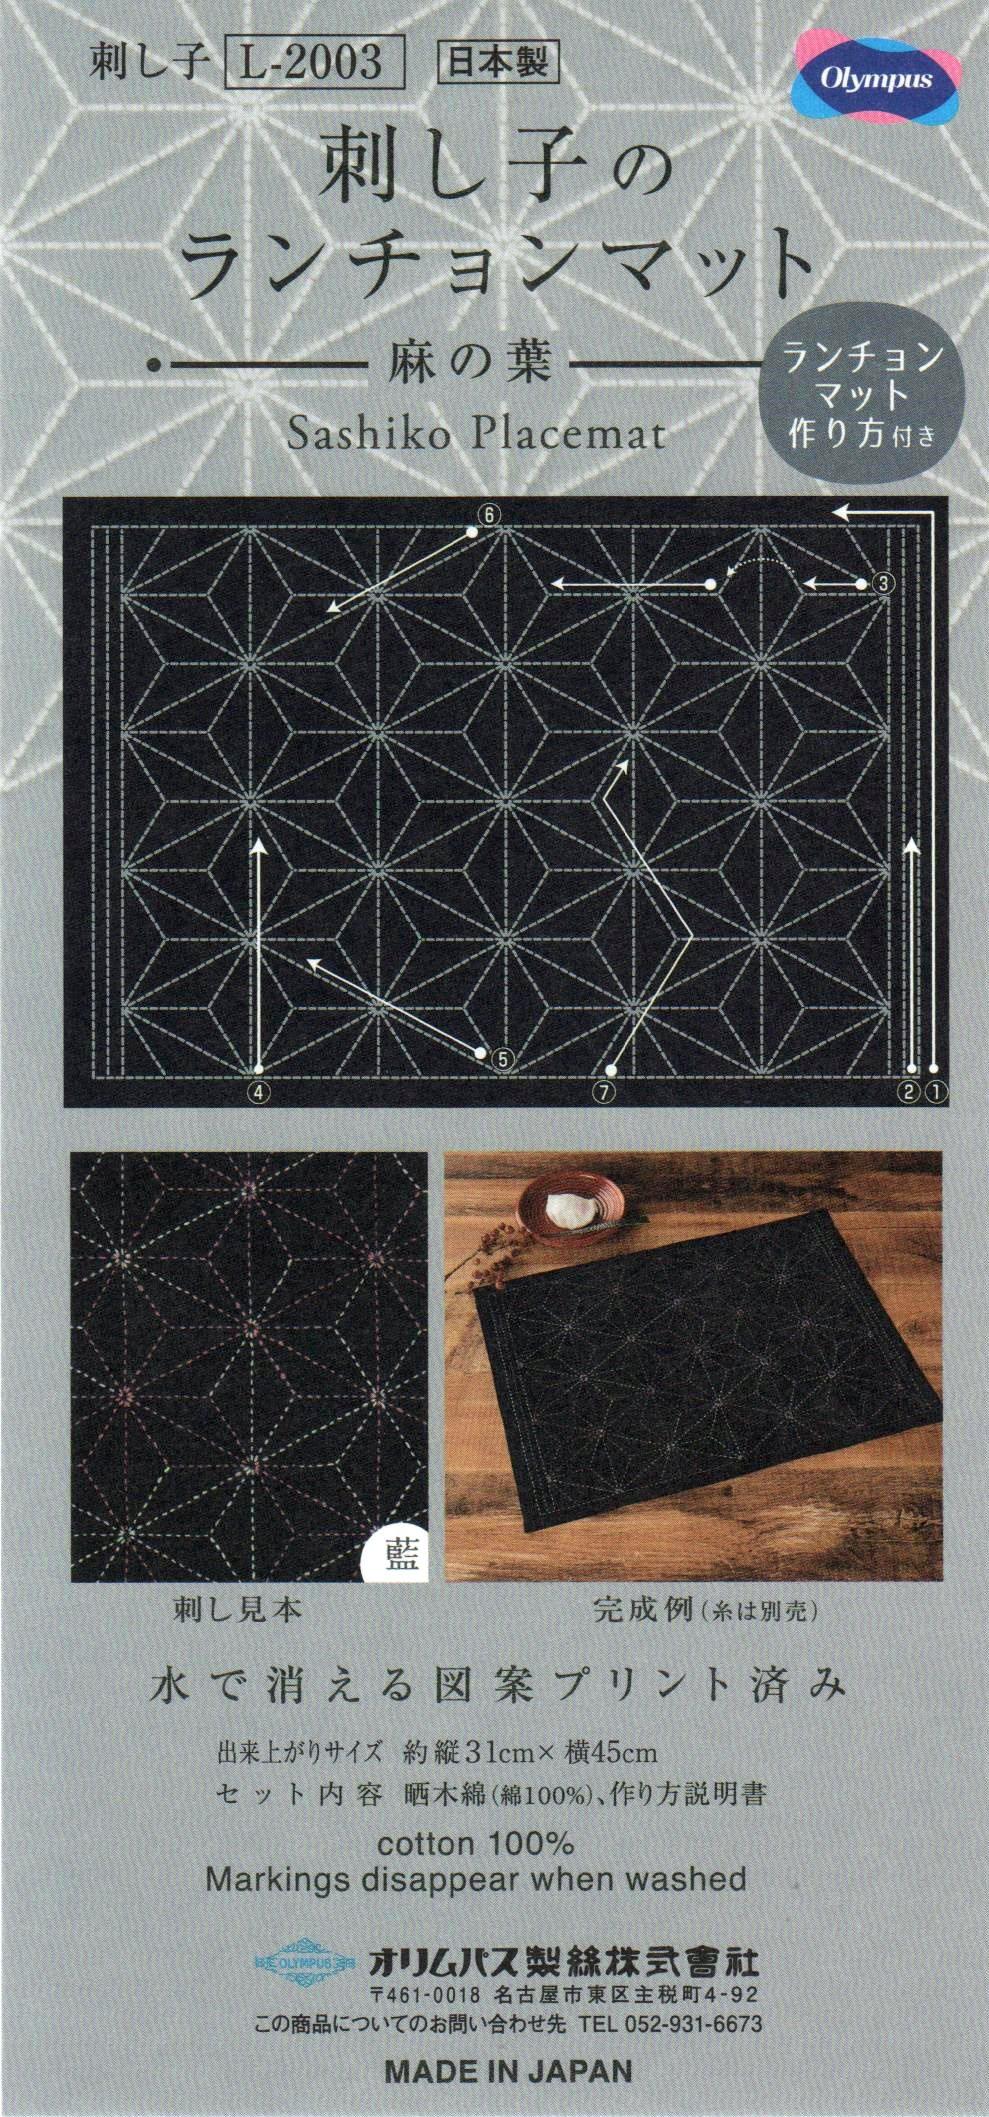 Free Sashiko Patterns Free Patterns